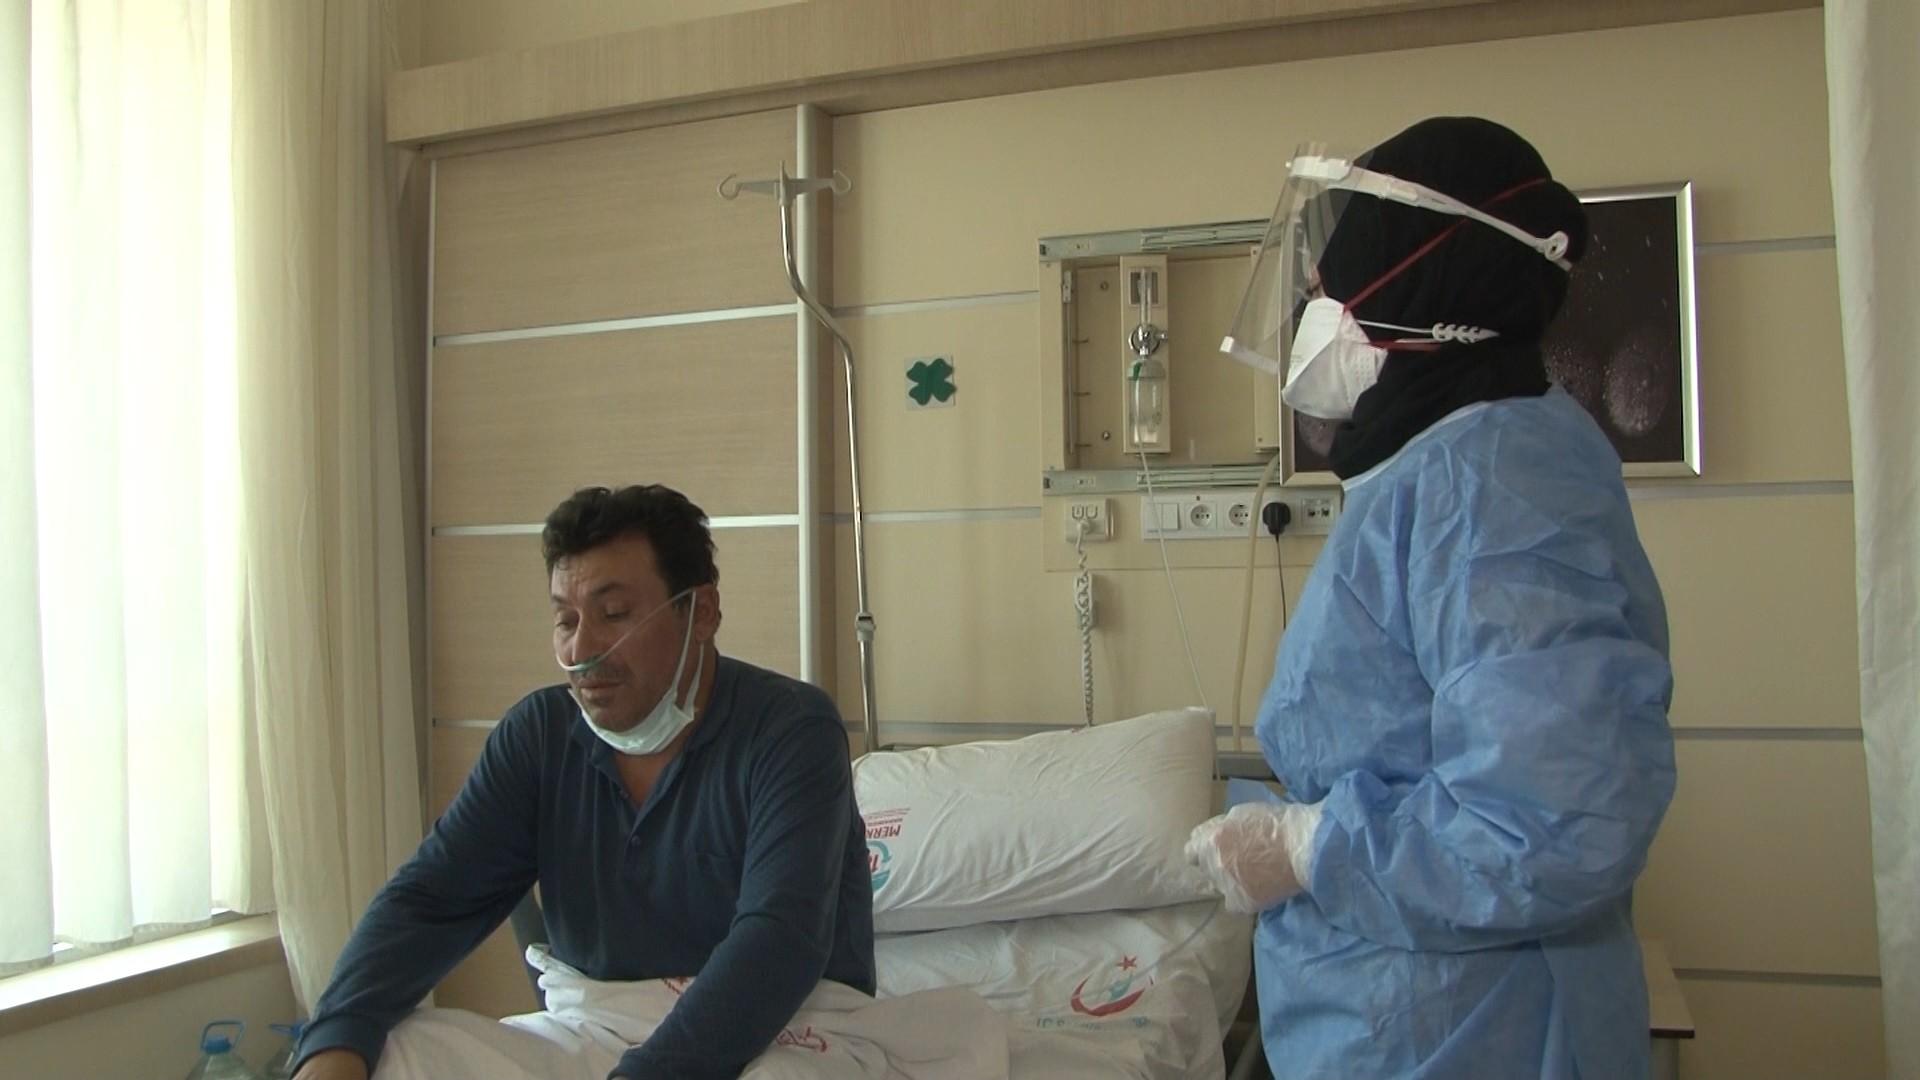 Virüsü önemsemeyen Covid-19 hastası: 'Yalvarıyorum milletimize, herkes aşısını vurulsun'